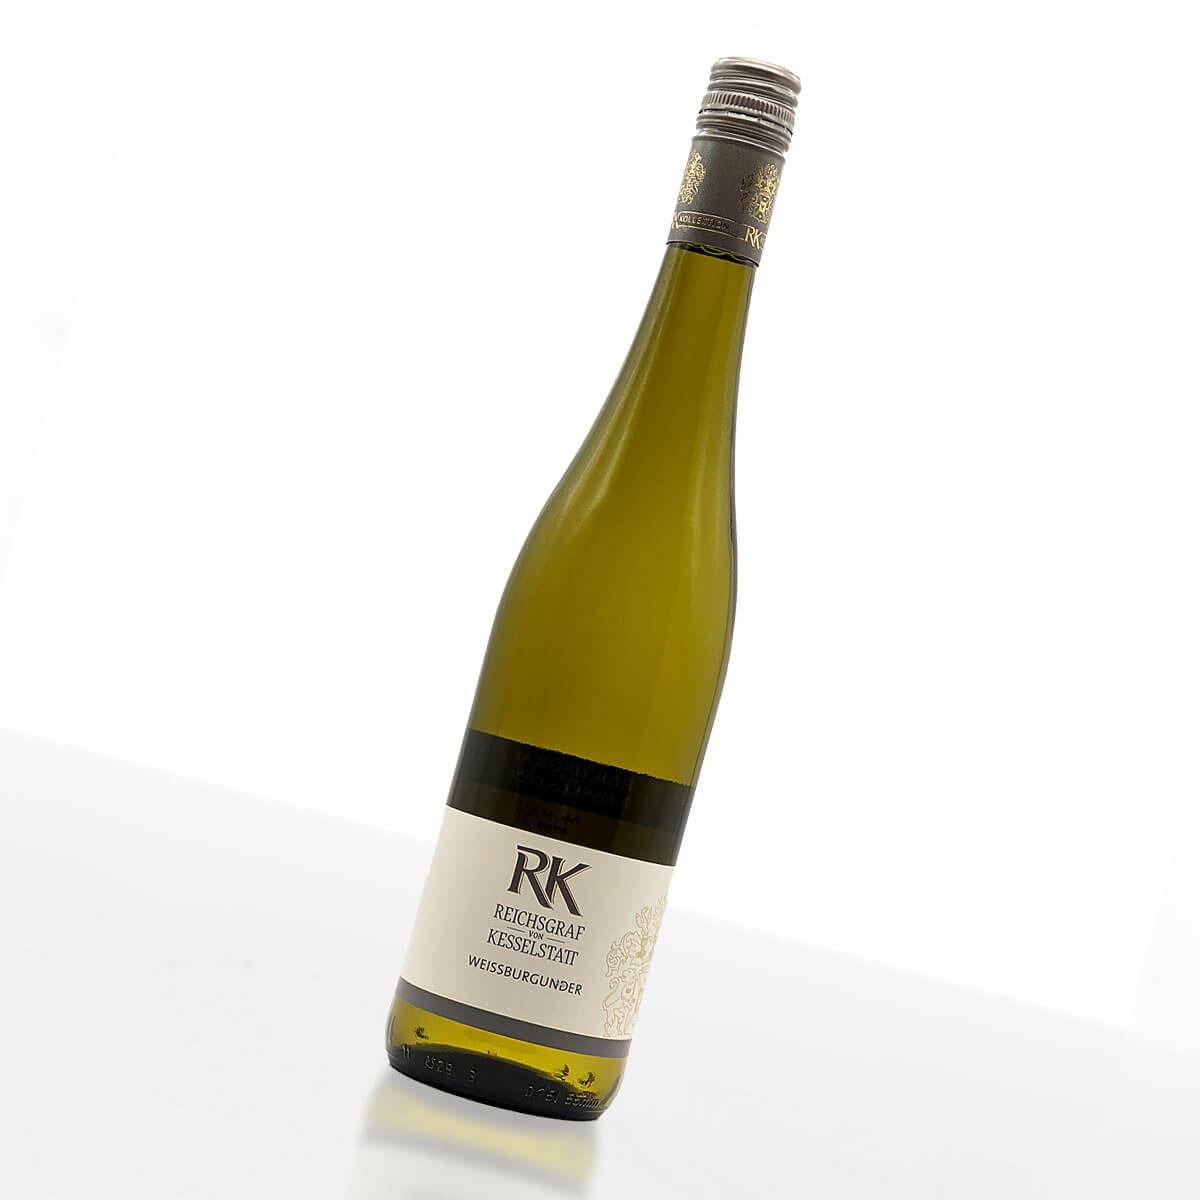 2019er RK Weissburgunder trocken • Weingut Reichsgraf von Kesselstatt